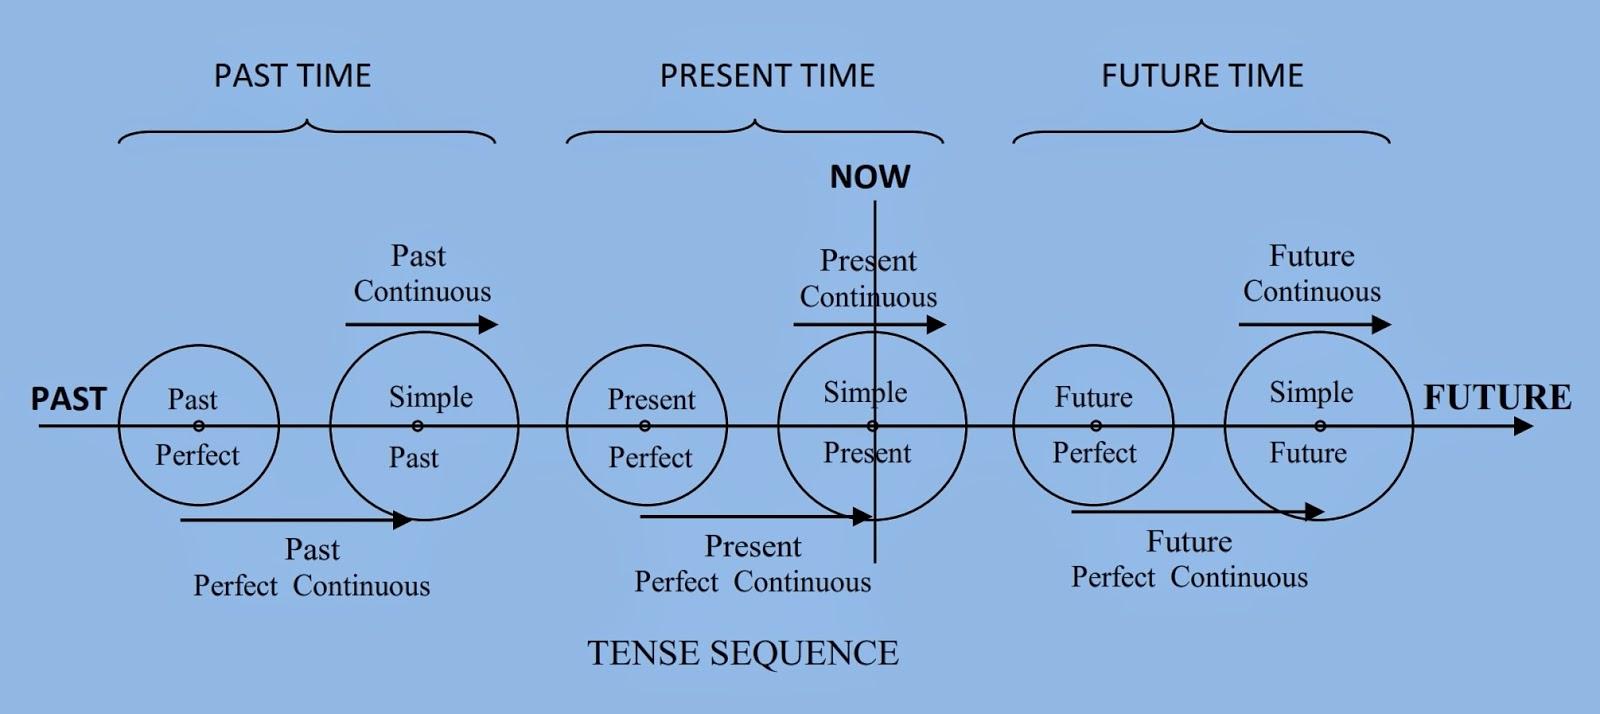 Yes easy english tenses berdasarkan ilustrasi diatas bahwa past time masa lalu telah lebih awal dibandingkan present time masa sekarang dan present time lebih awal ccuart Choice Image